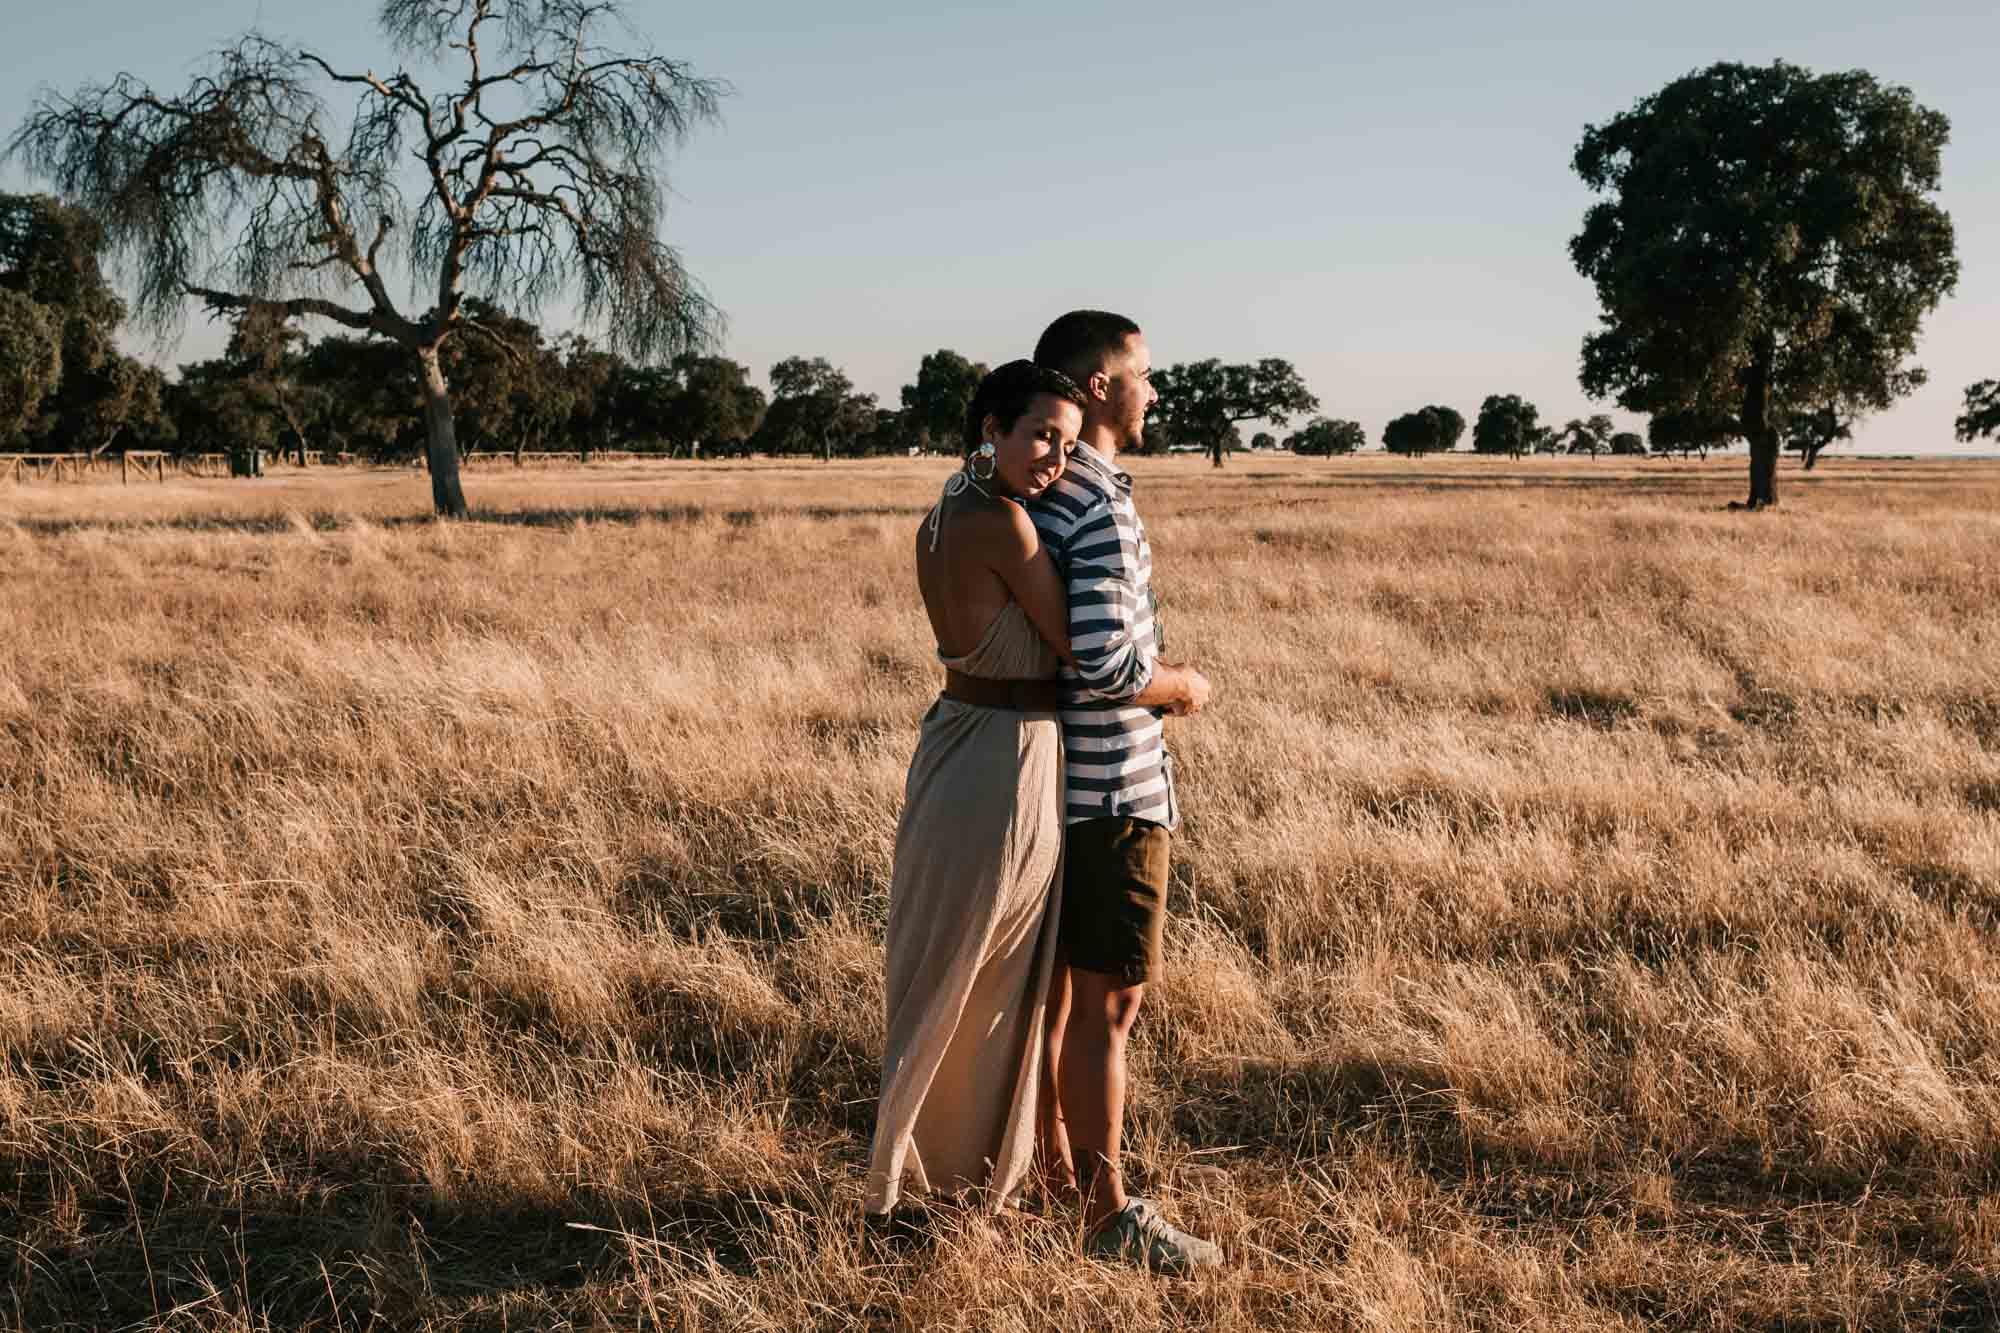 pareja-enamorados-atardecer-campo